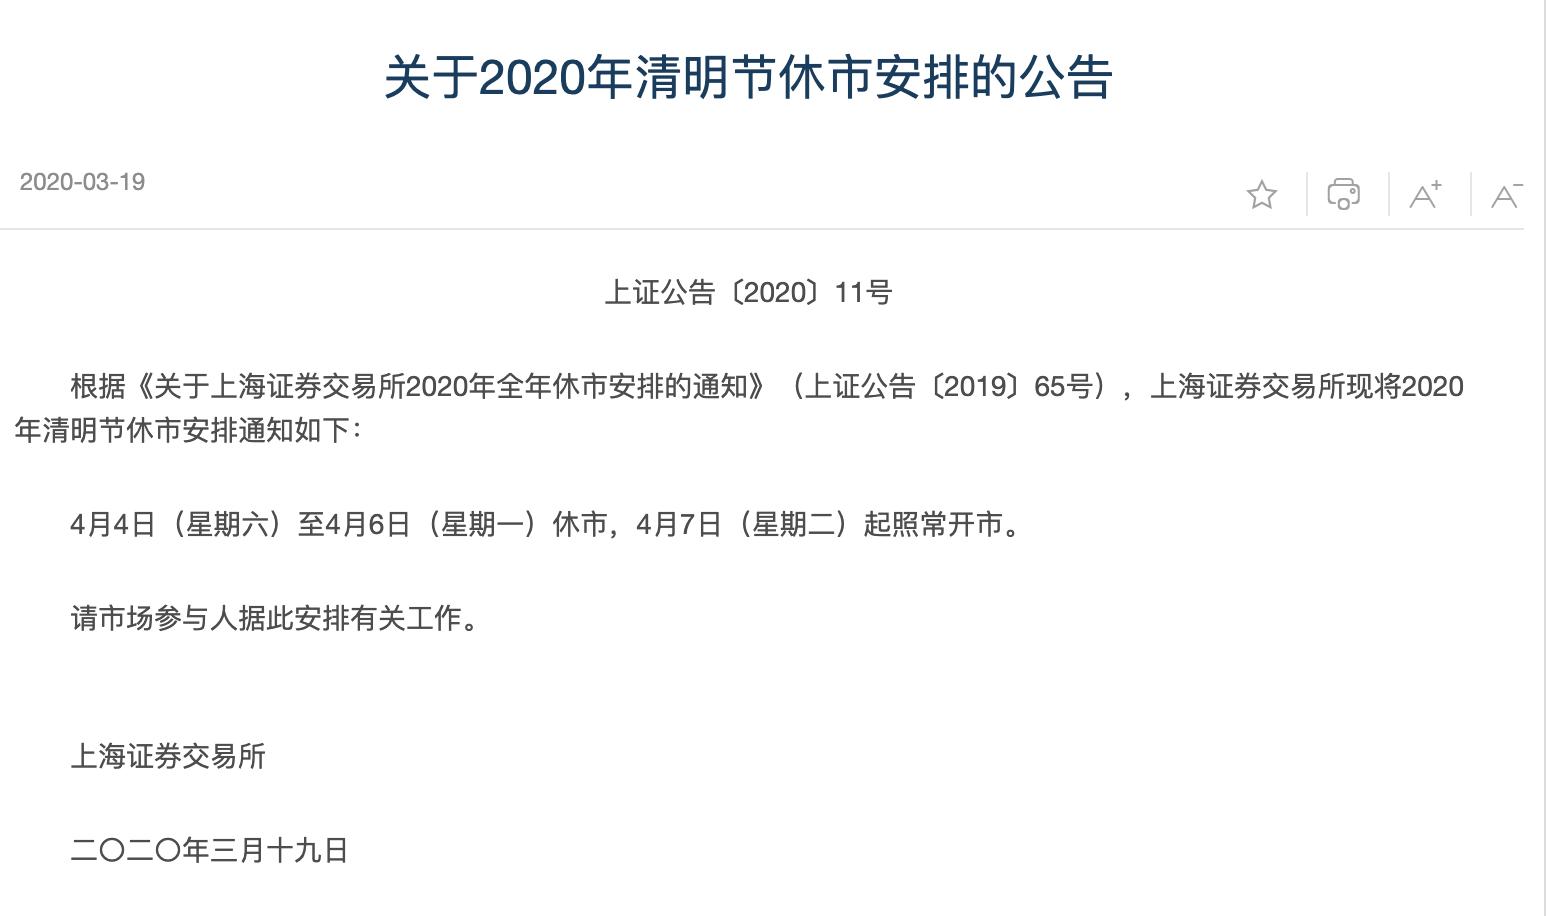 沪深交易所发布2020年清明节休市安排图片